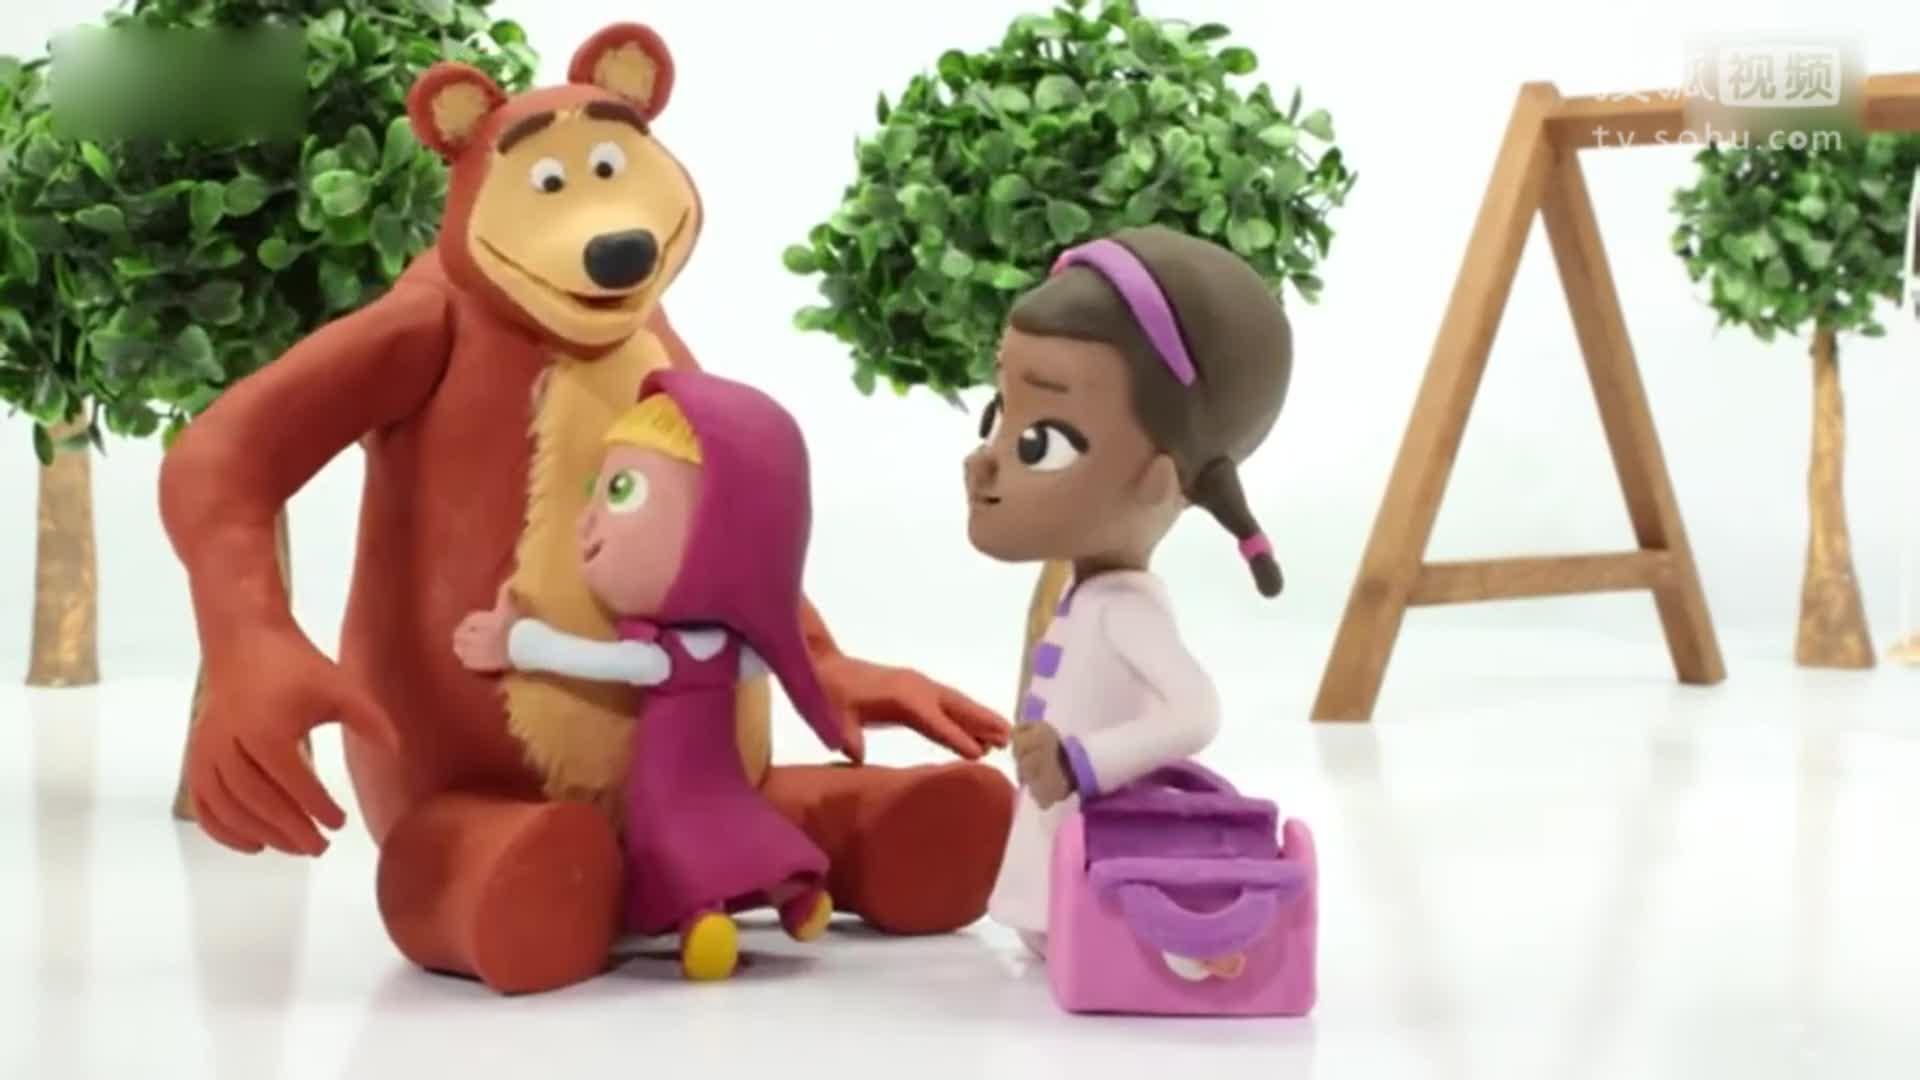 小猪佩奇 面包超人 白雪公主 定格动画 彩泥diy[玩具 视频 亲子